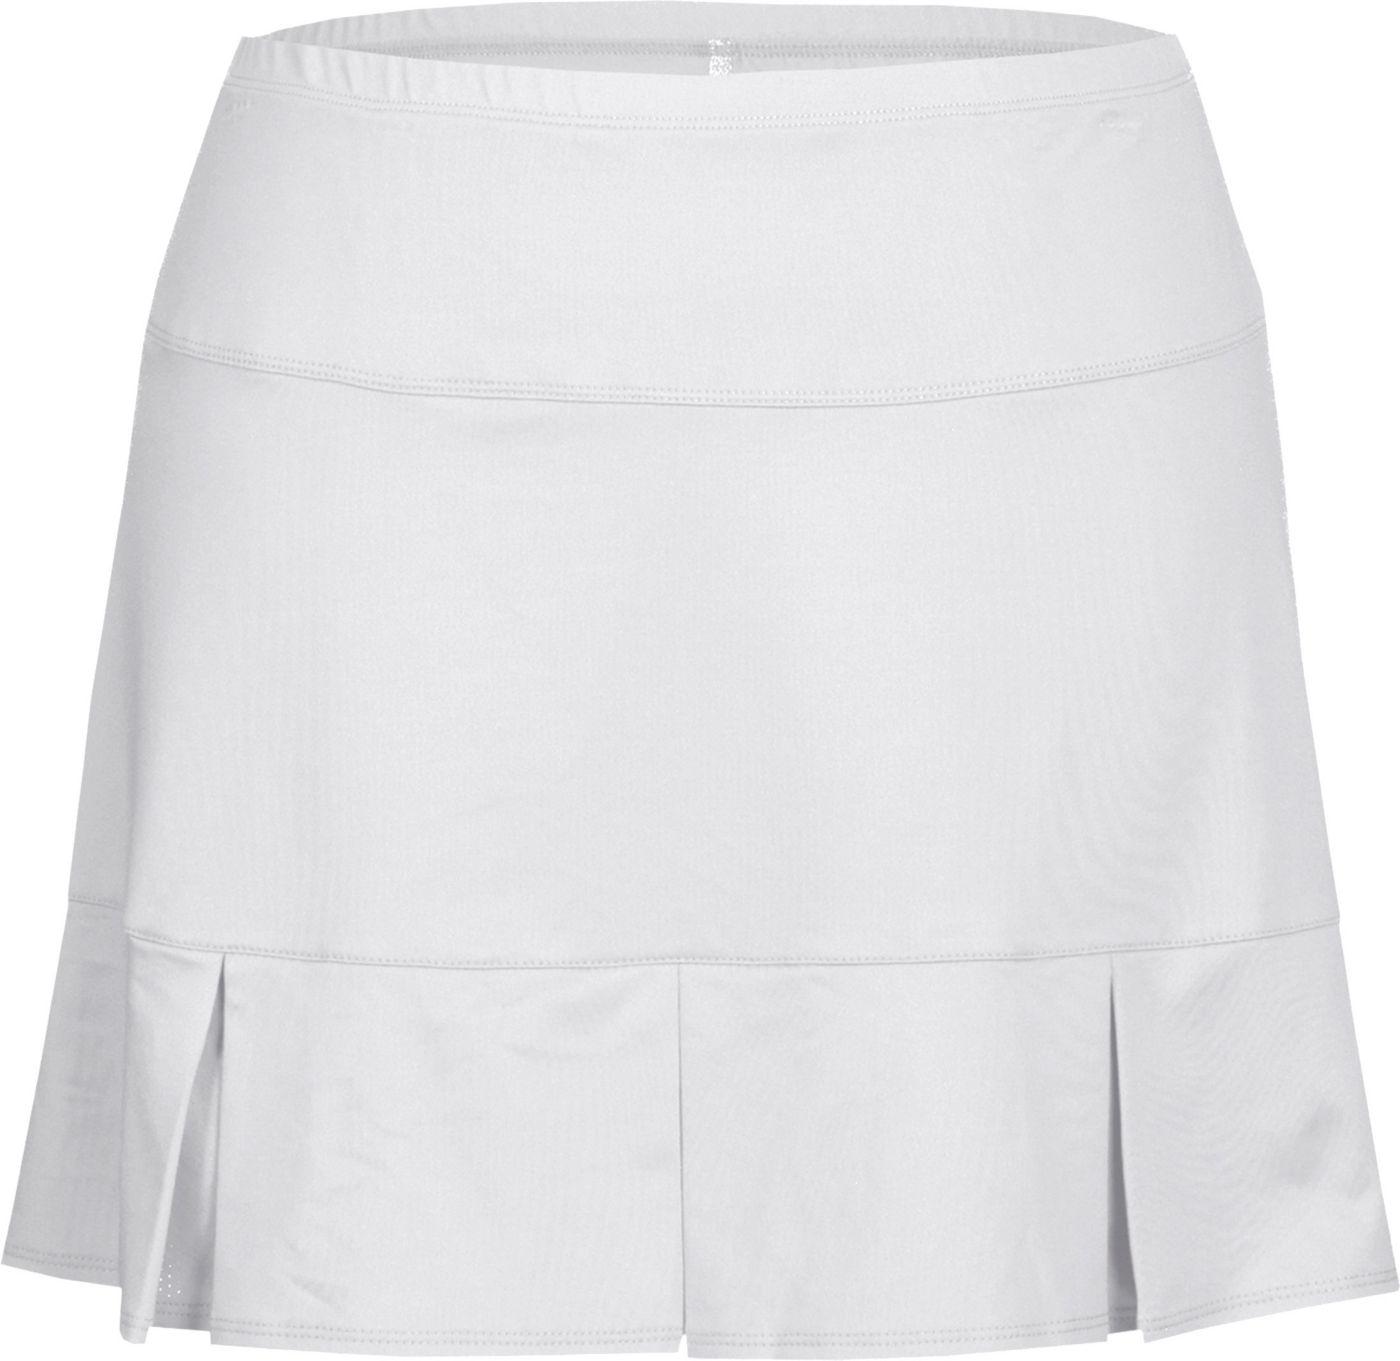 Tail Women's Essentials Doral Tennis Skort